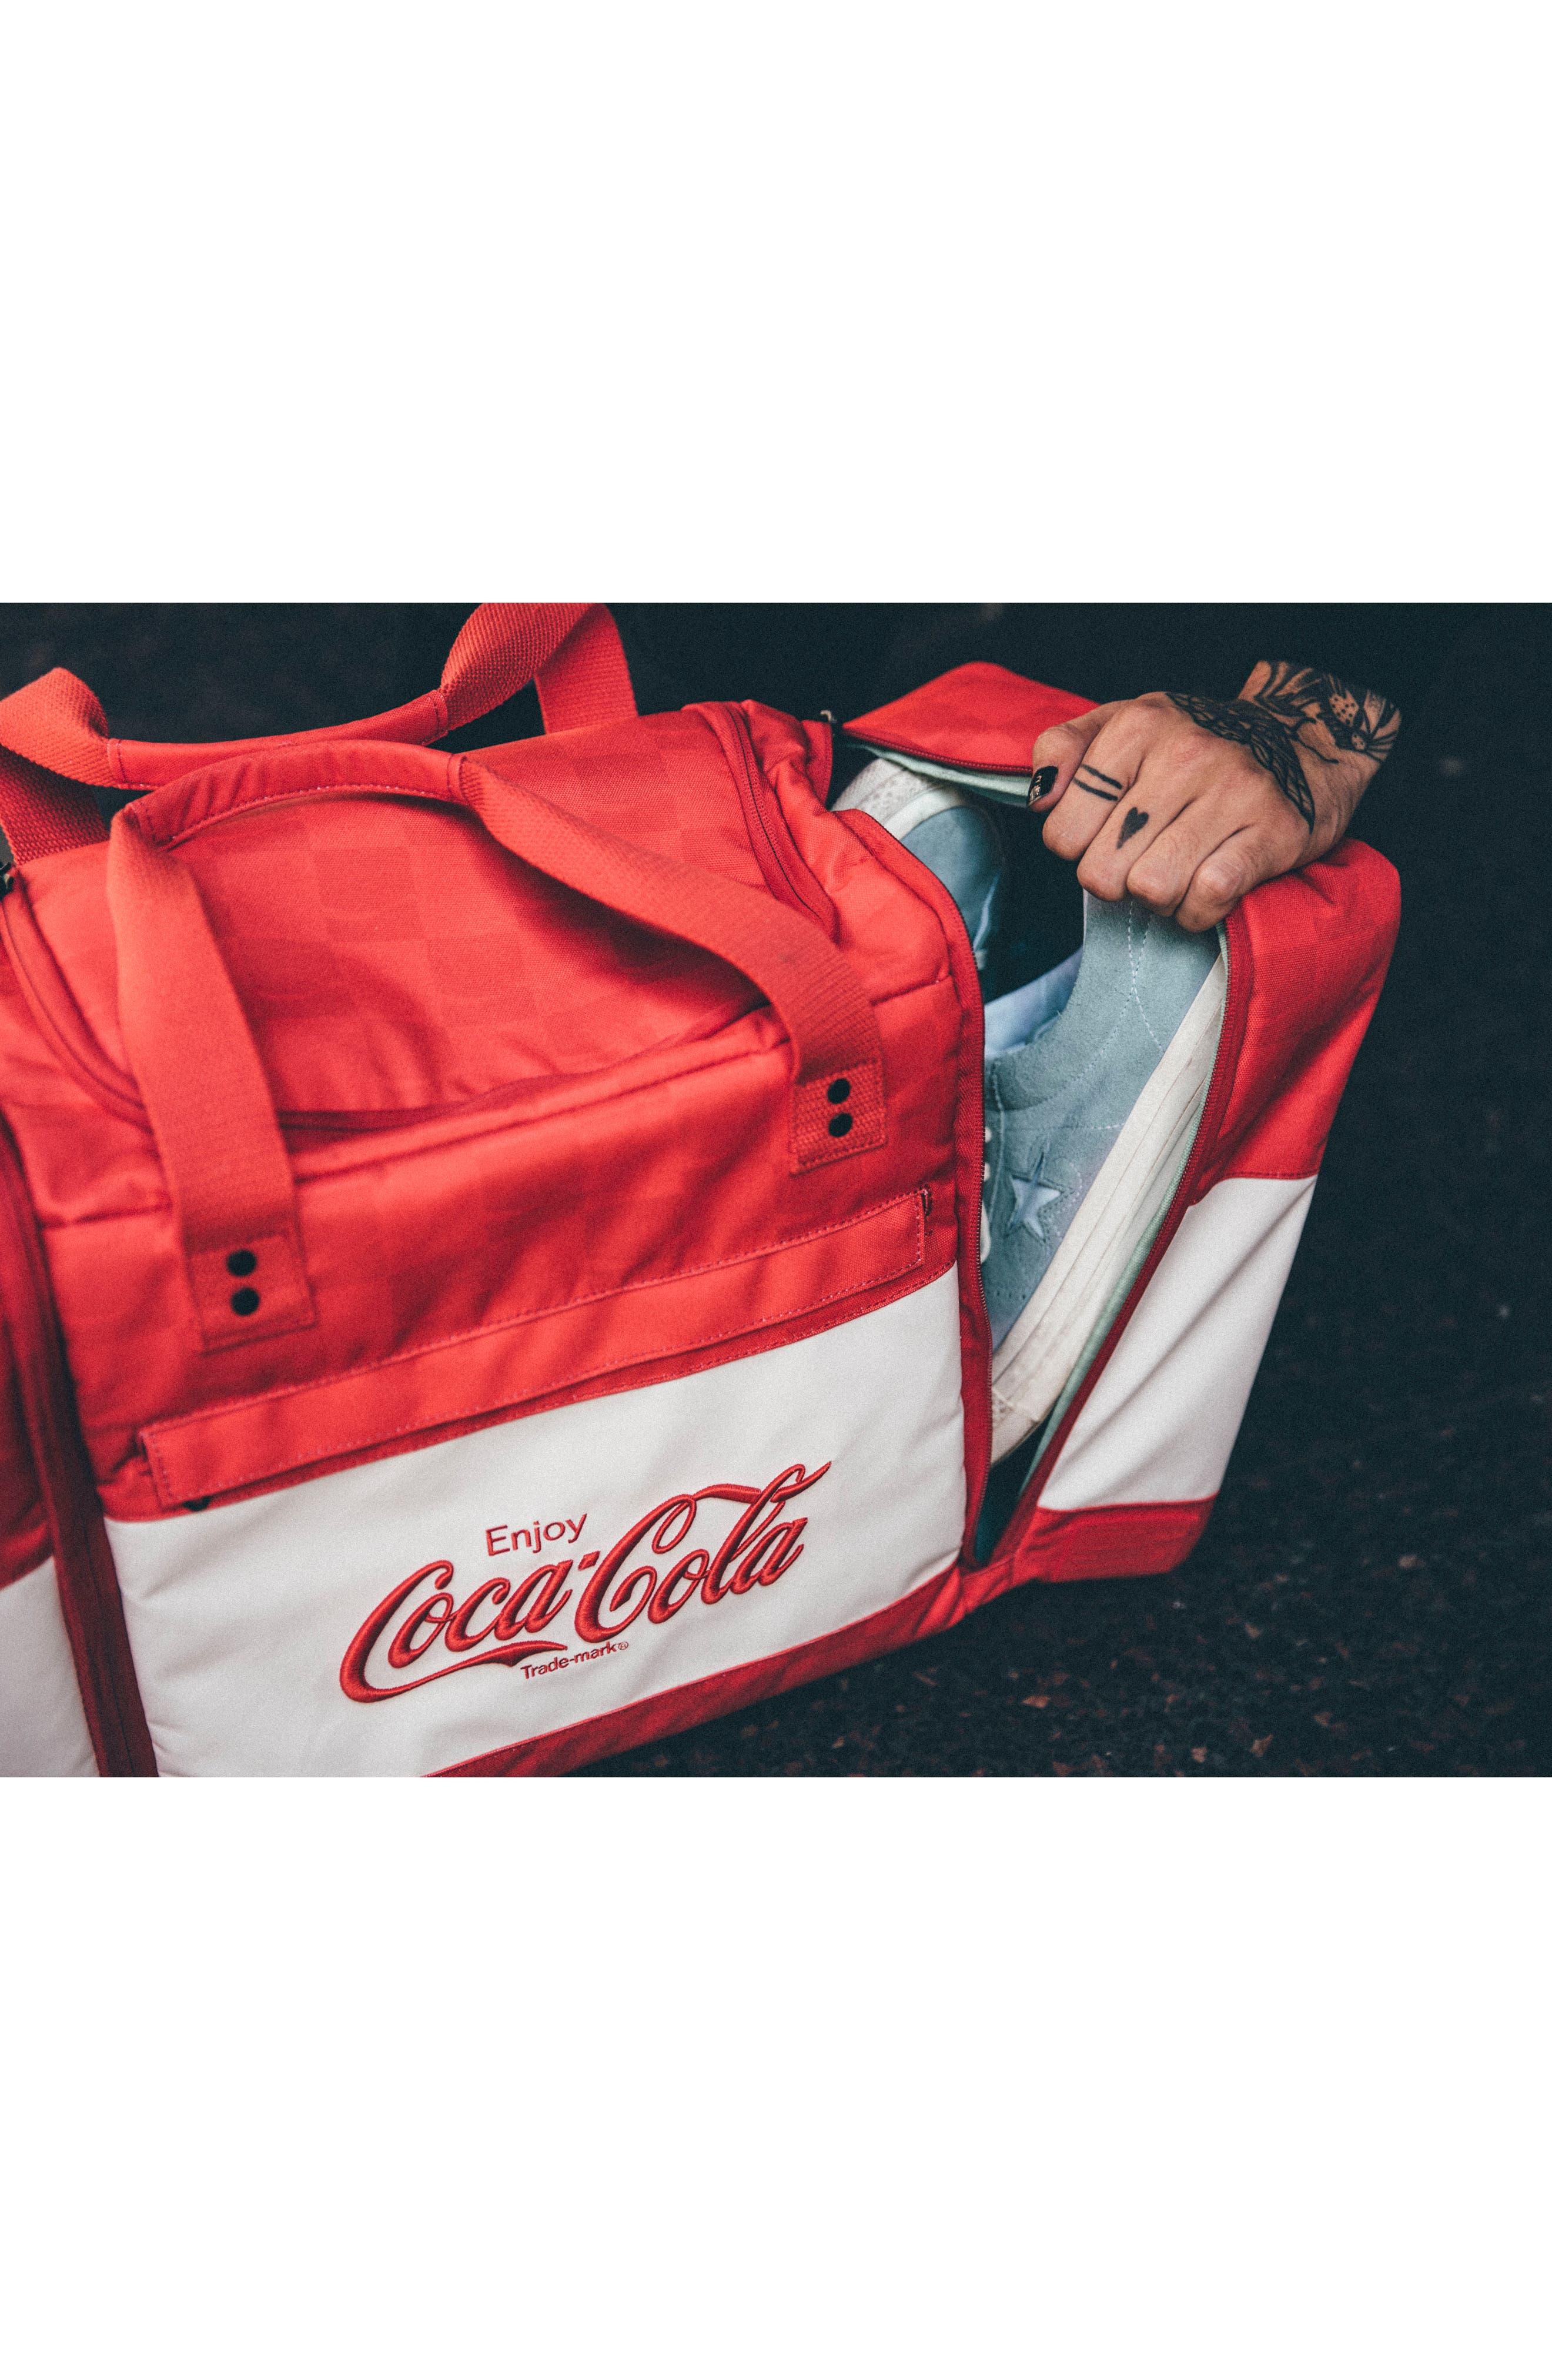 Coca Cola Sneaker Duffel Bag,                             Alternate thumbnail 7, color,                             600